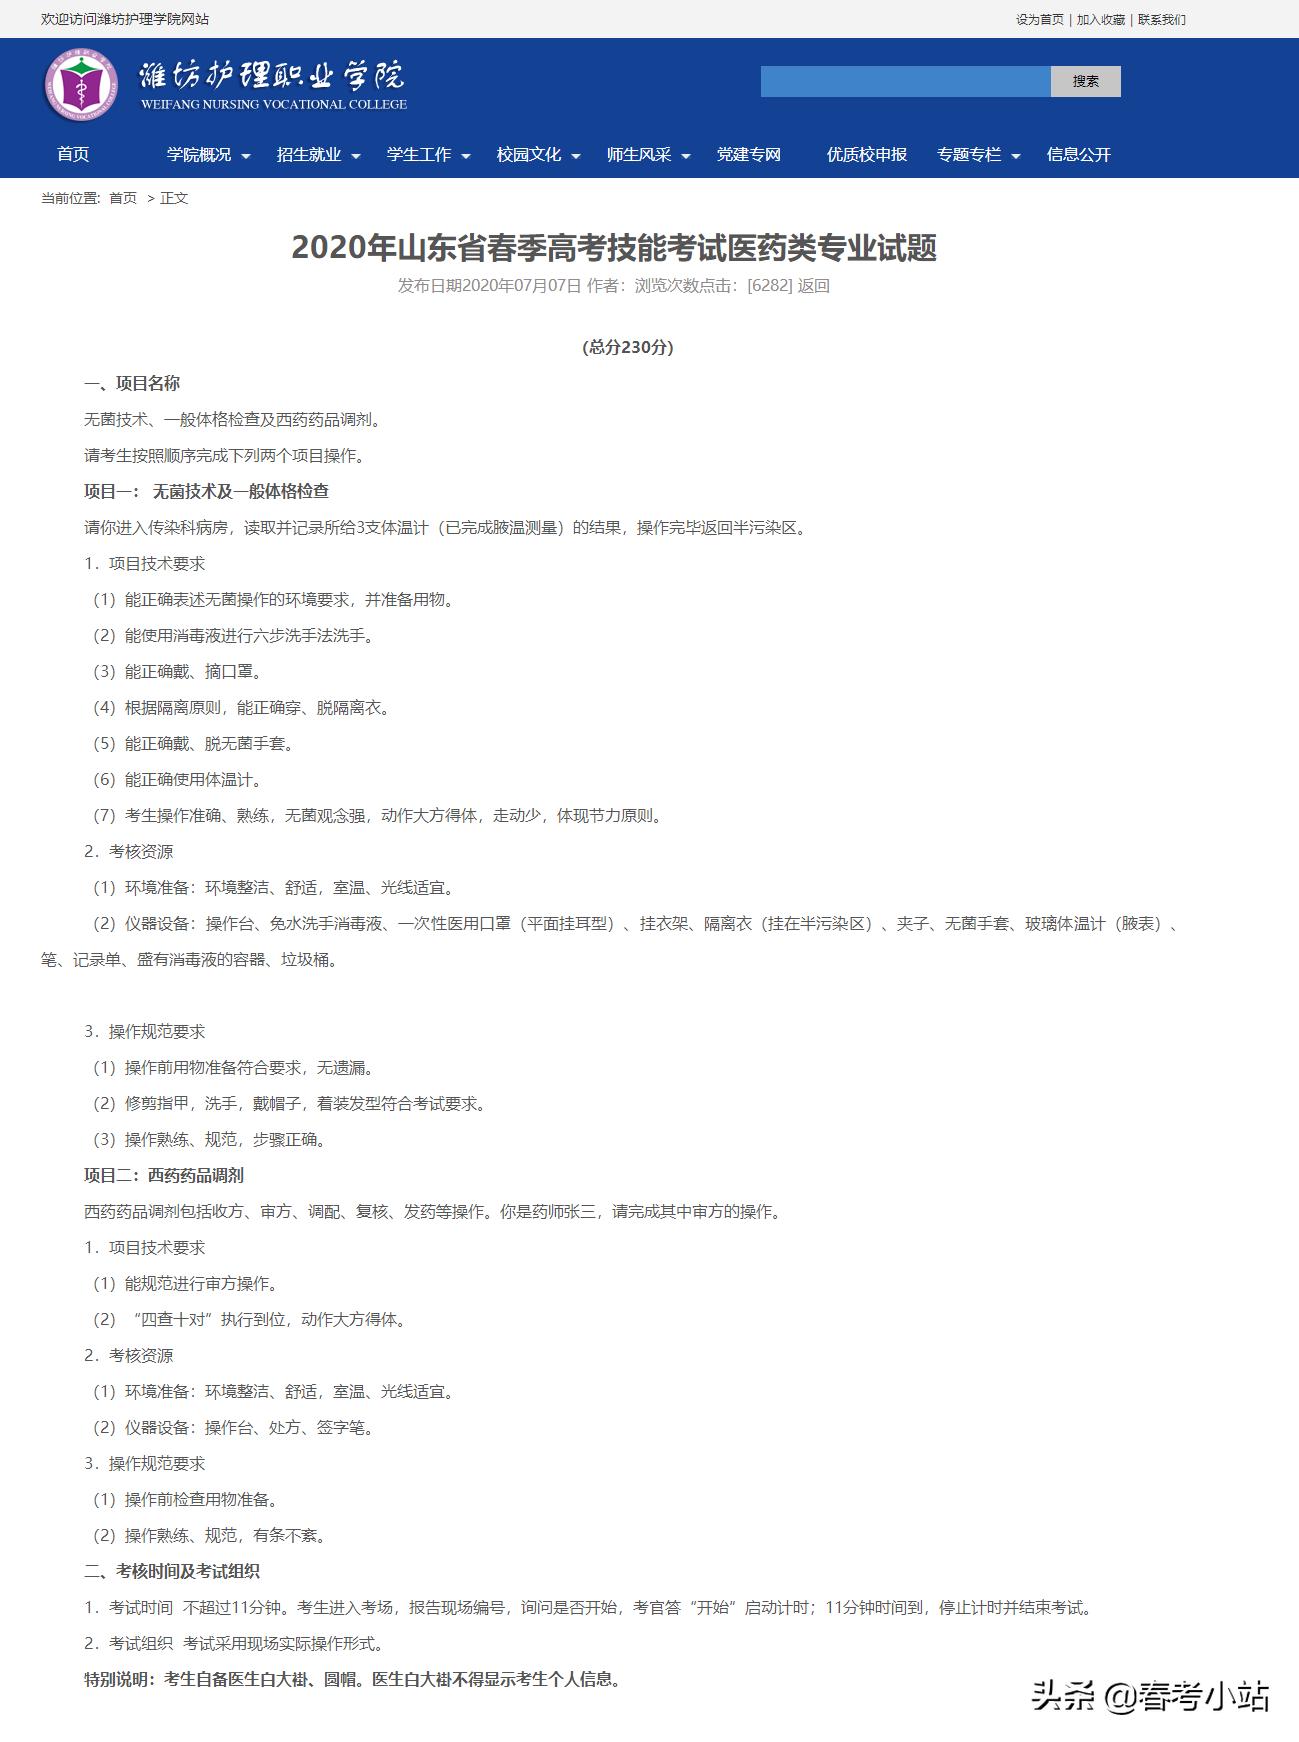 2020年山东省春季高考技能考试医药类专业试题已公布丨转发分享